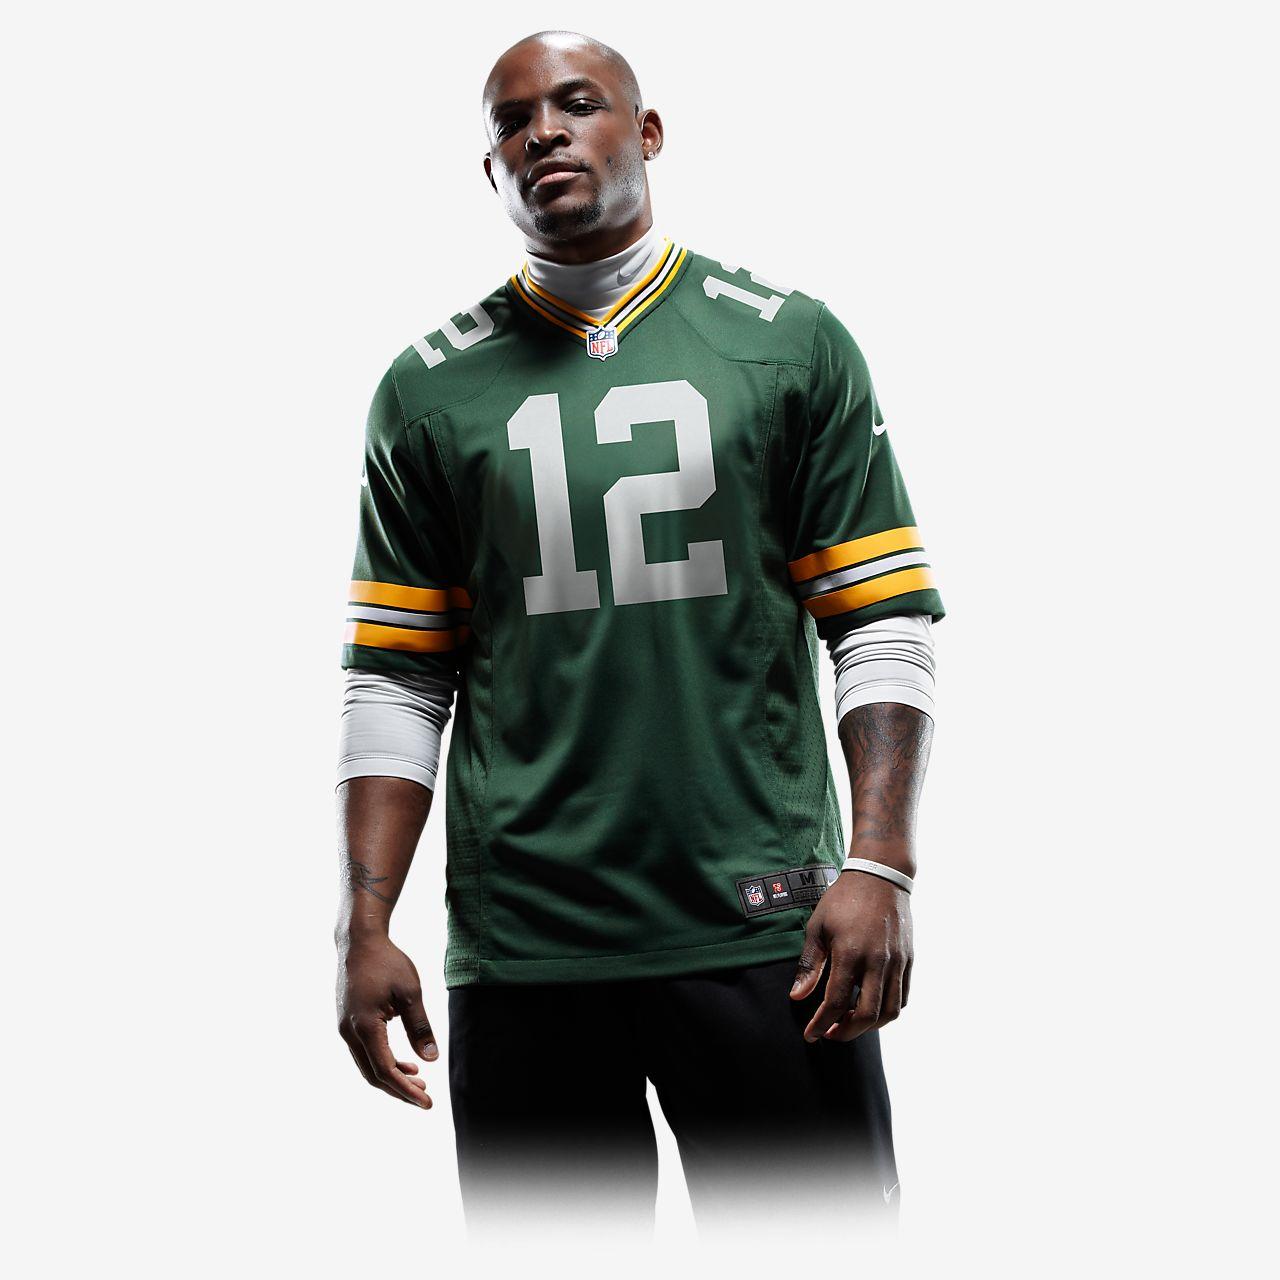 ... Camiseta oficial de fútbol americano de local para hombre de NFL Green  Bay Packers (Aaron 634a8e6be80